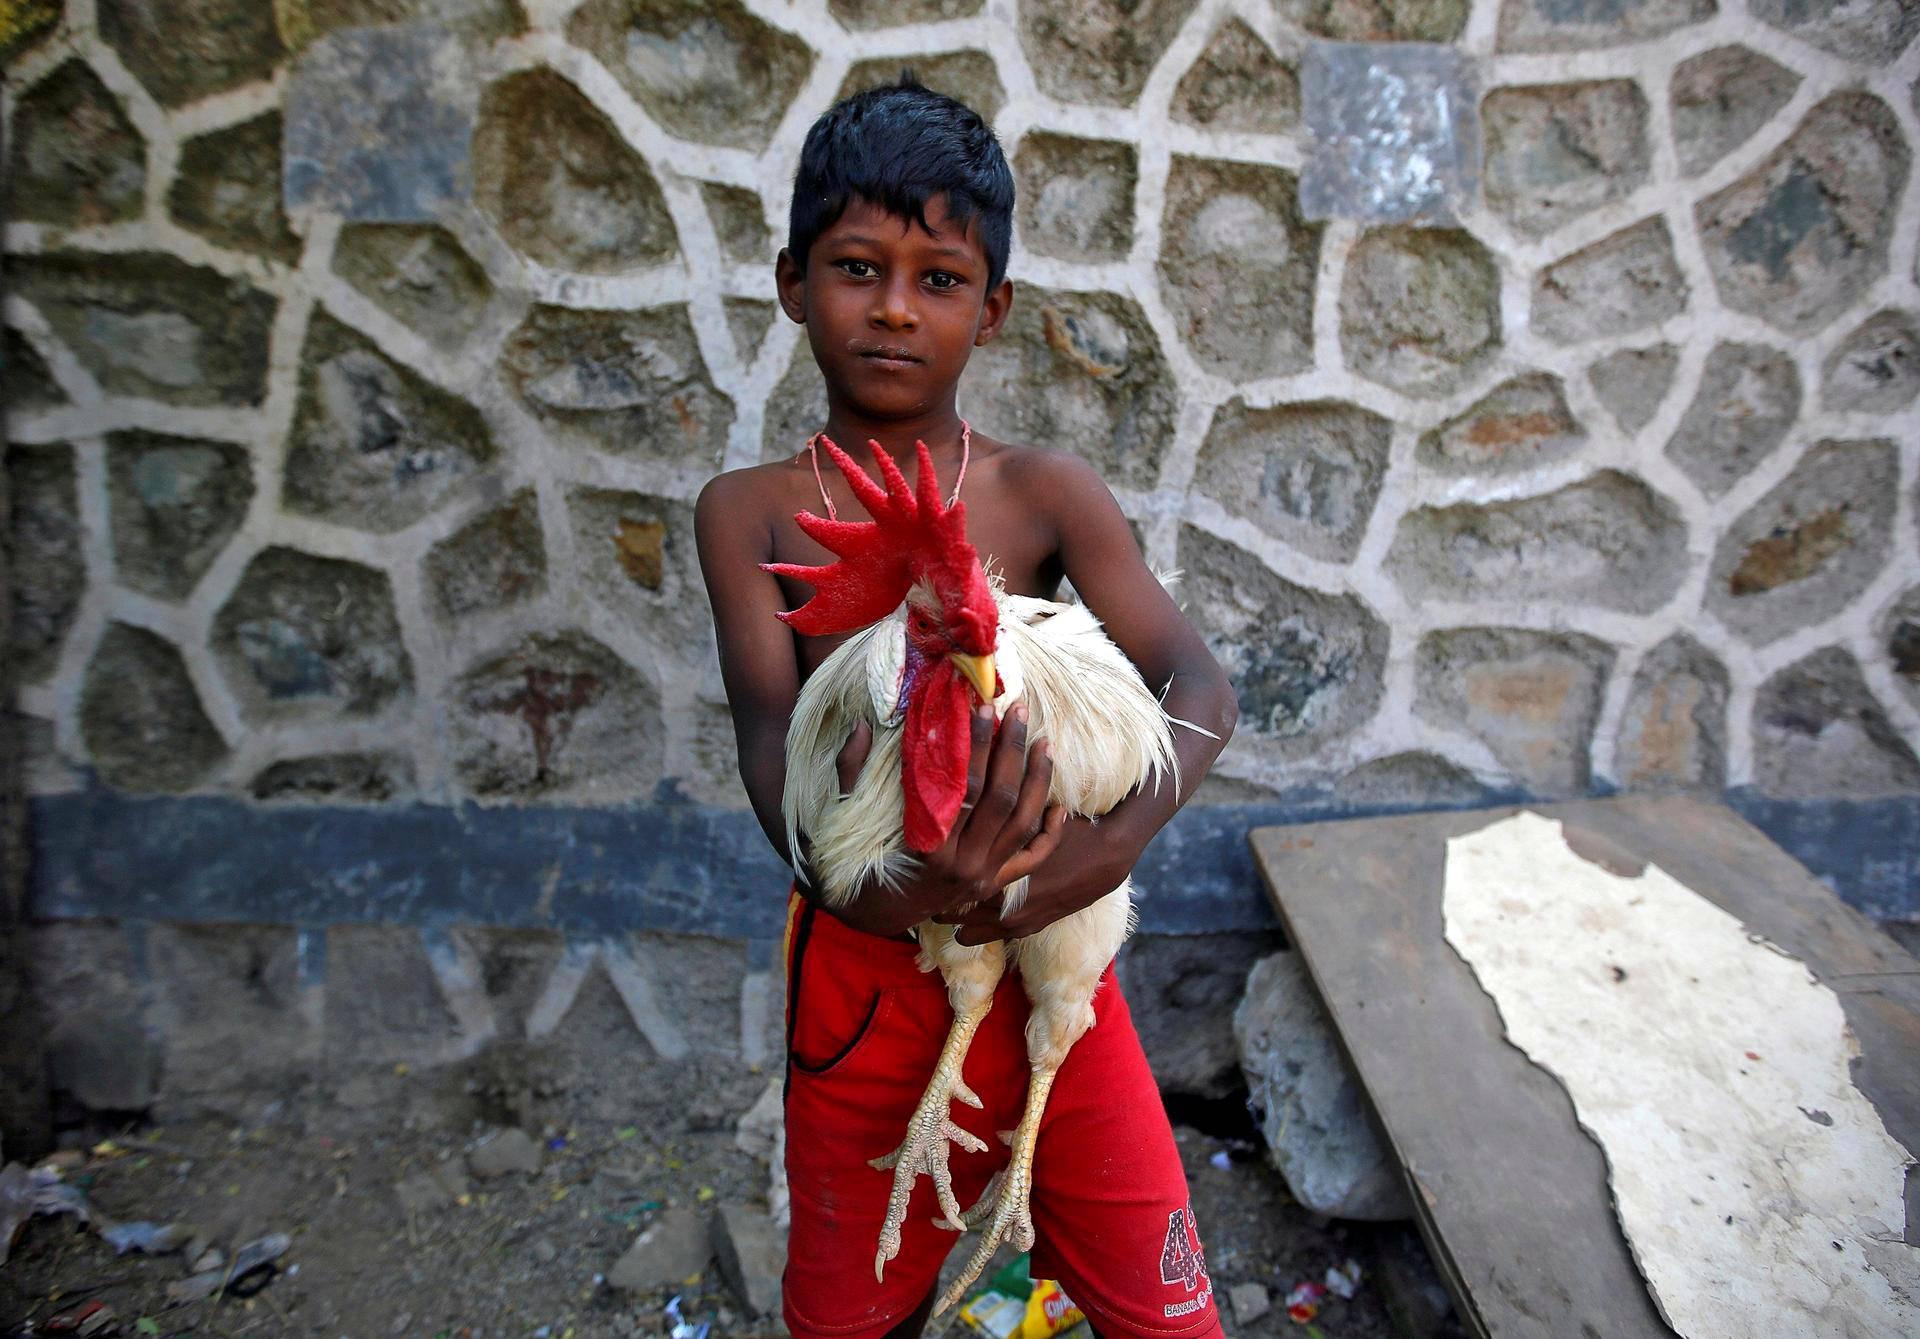 Kuusivuotias Virat piteli lemmikkikukkoaan sylissään Intian Mumbaissa.